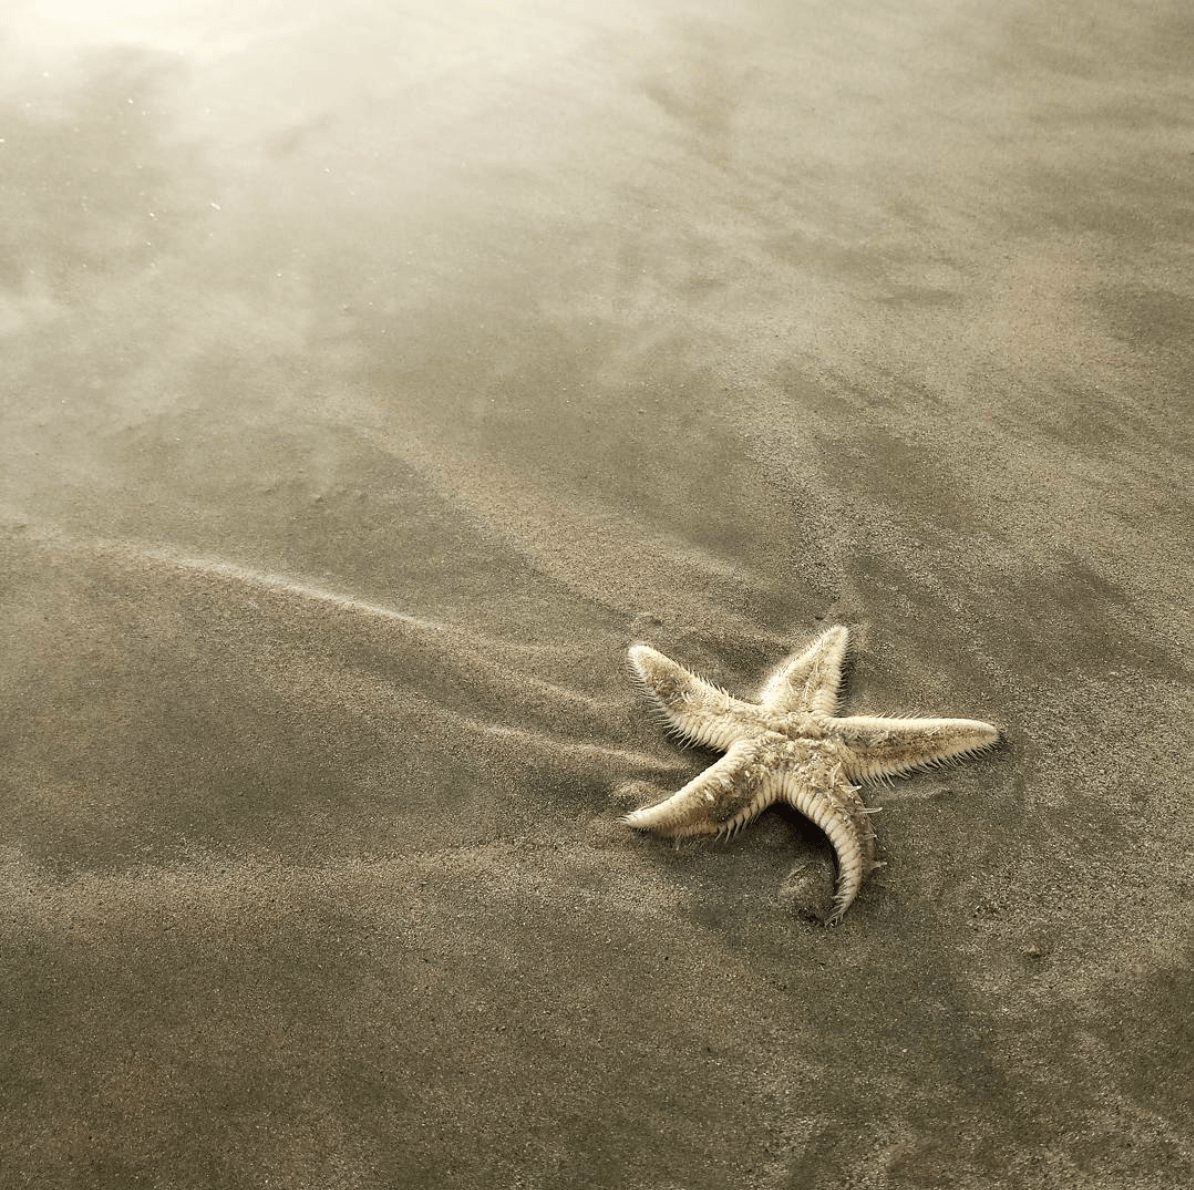 Texturas de estrella de mar en arena para fotoreto83